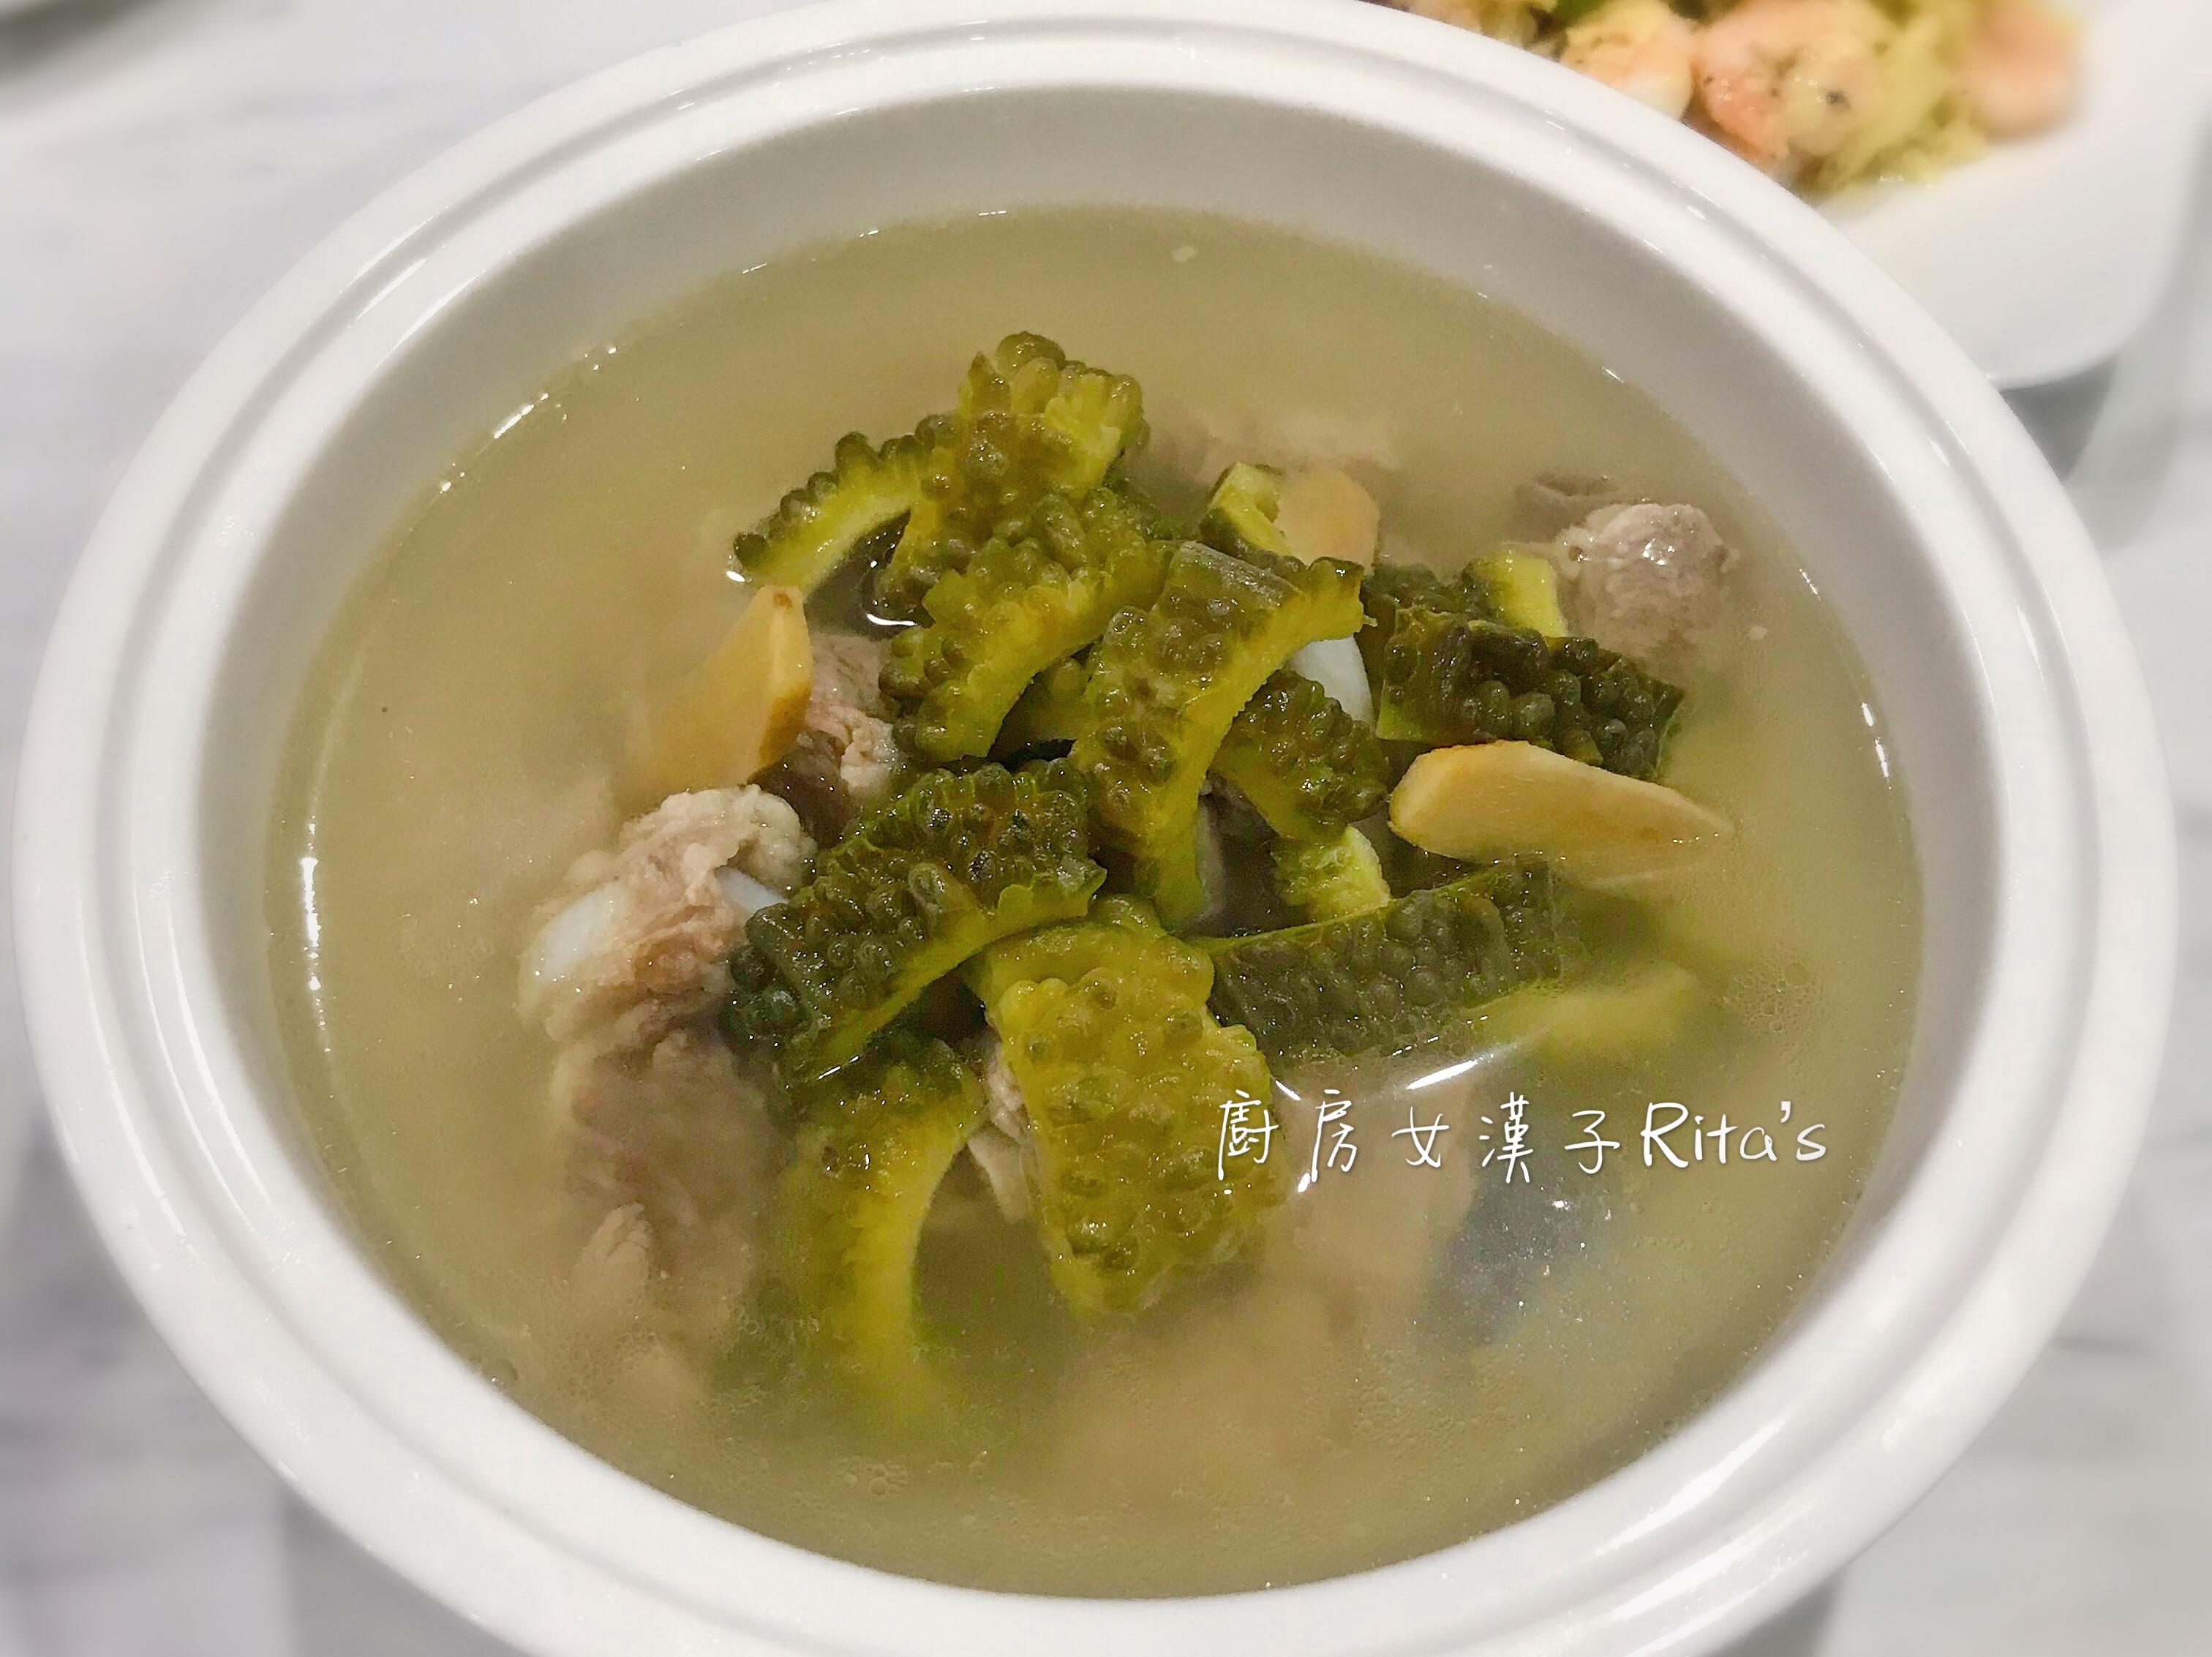 翠玉苦瓜排骨湯